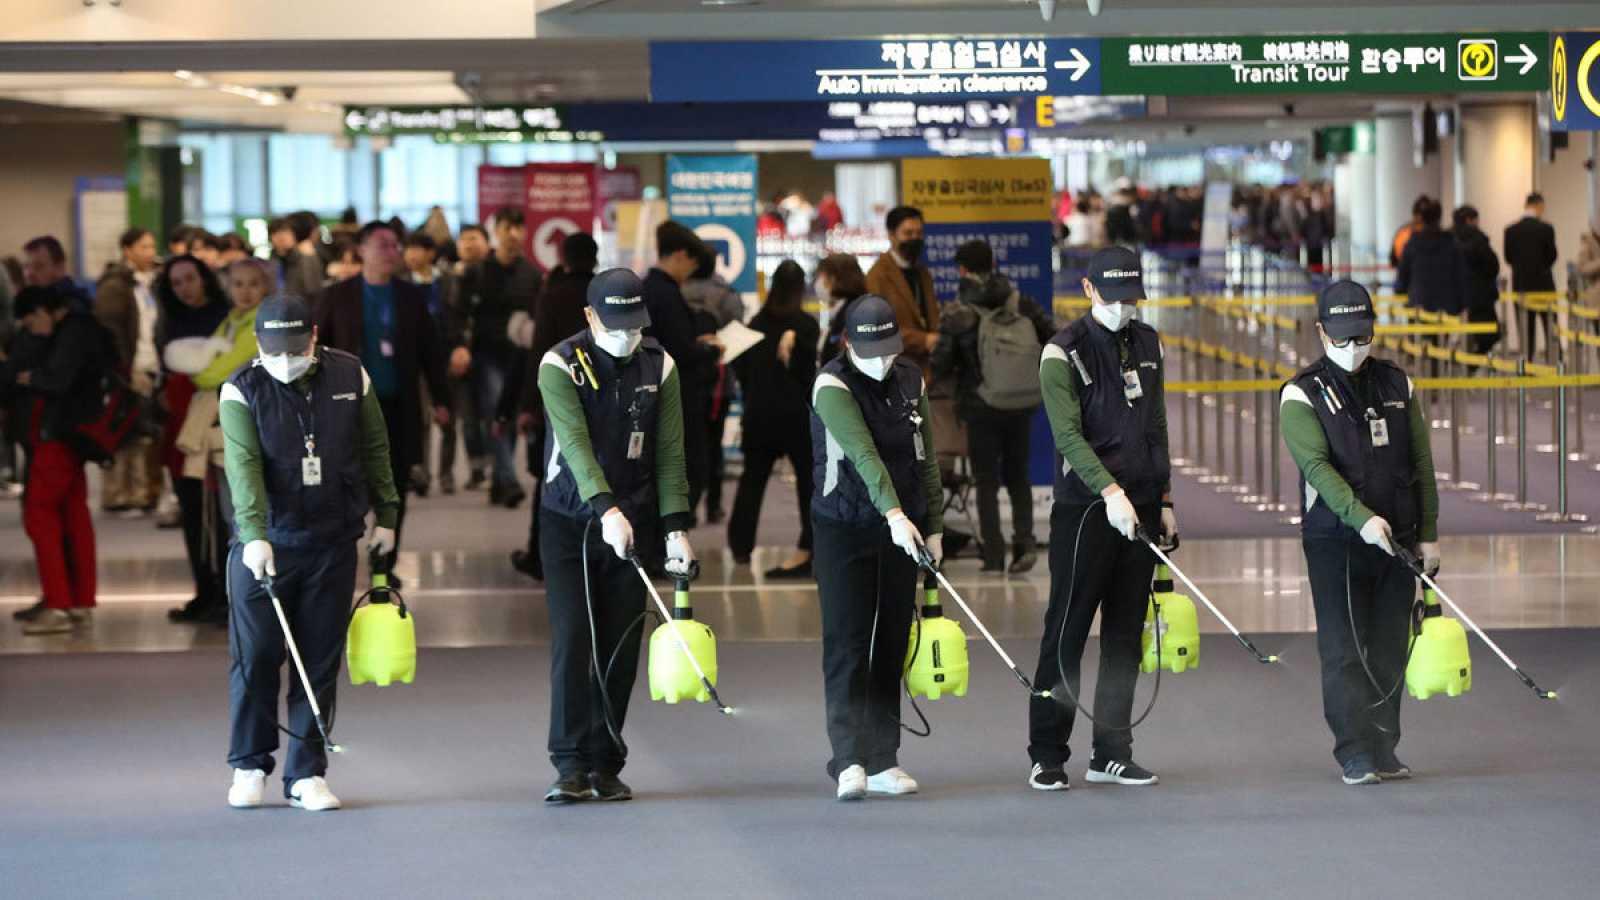 Un grupo de trabajadores durante las tareas de desinfección en el aeropuertp de Incheon, Corea del Sur